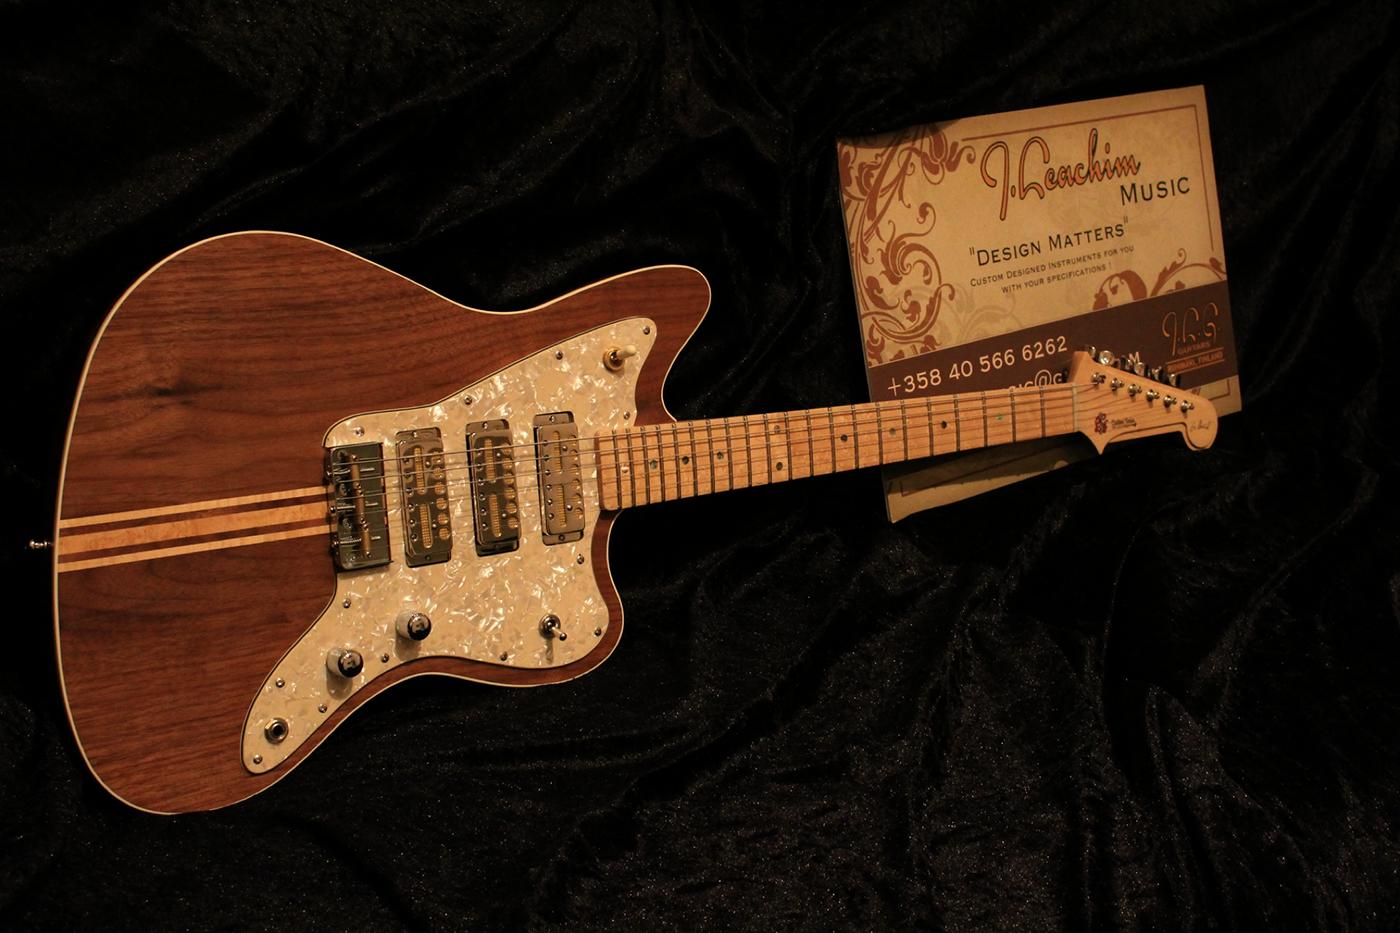 J. Leachim Guitars - Riihimäki